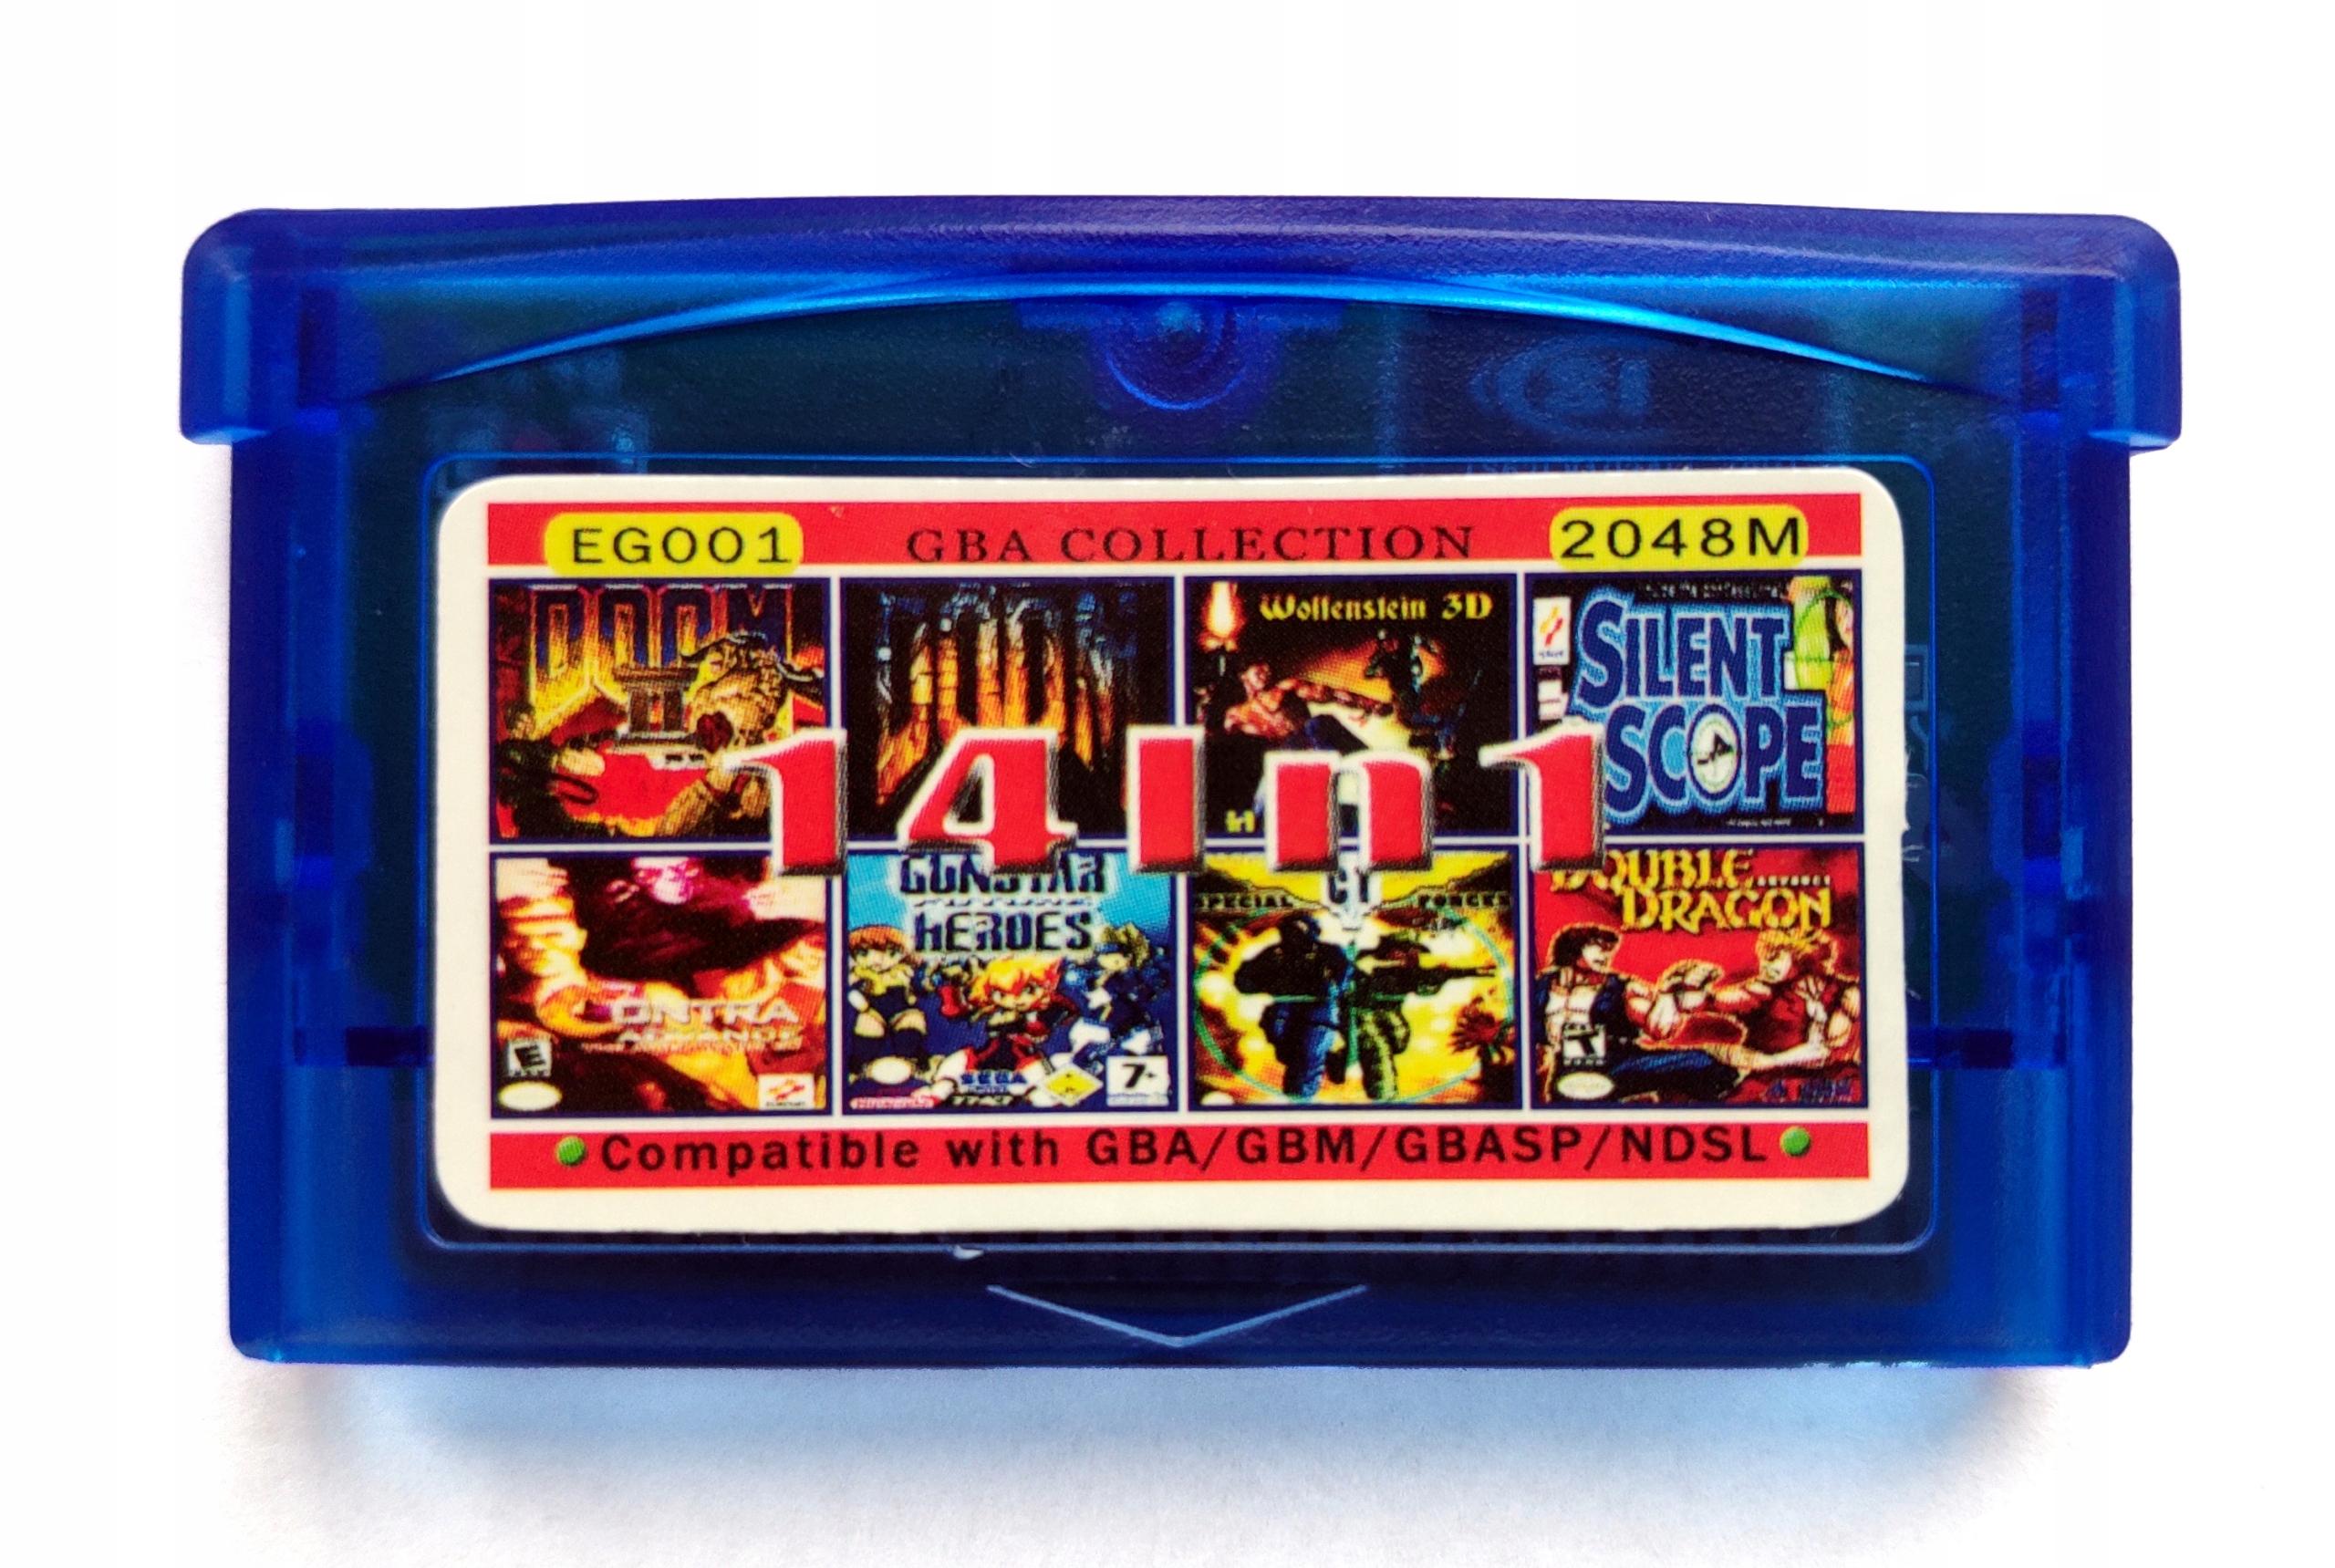 14in 1 GameBoy GBA - Doom + Wolfenstein 3D + Mario